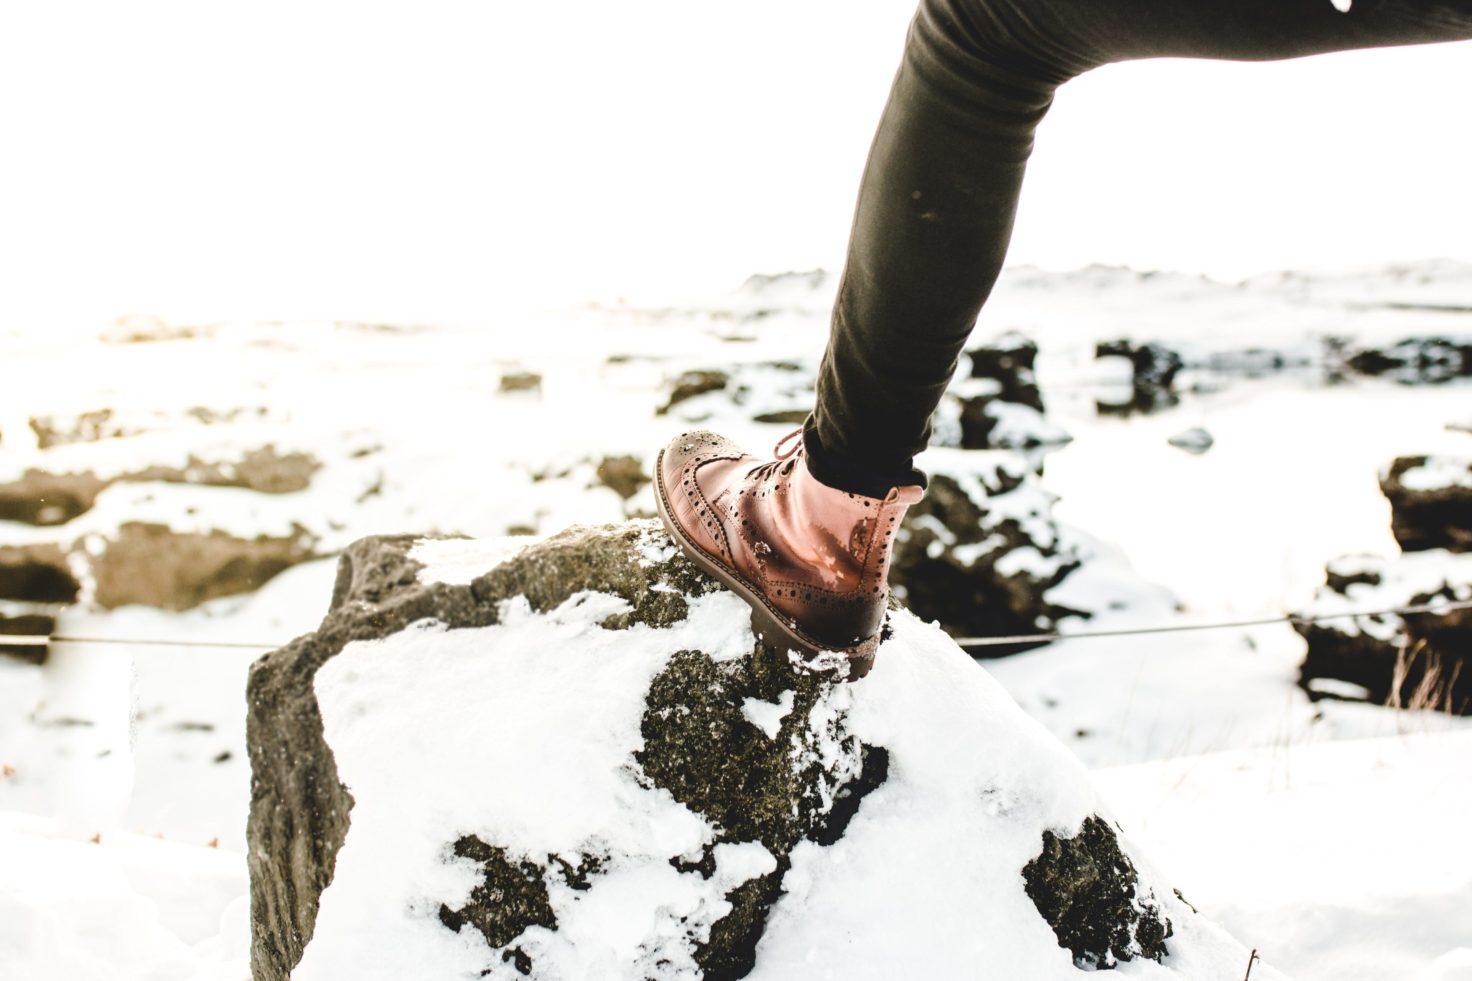 Paires 5 De Pour L'hiver Chaussures dZSqXxwS